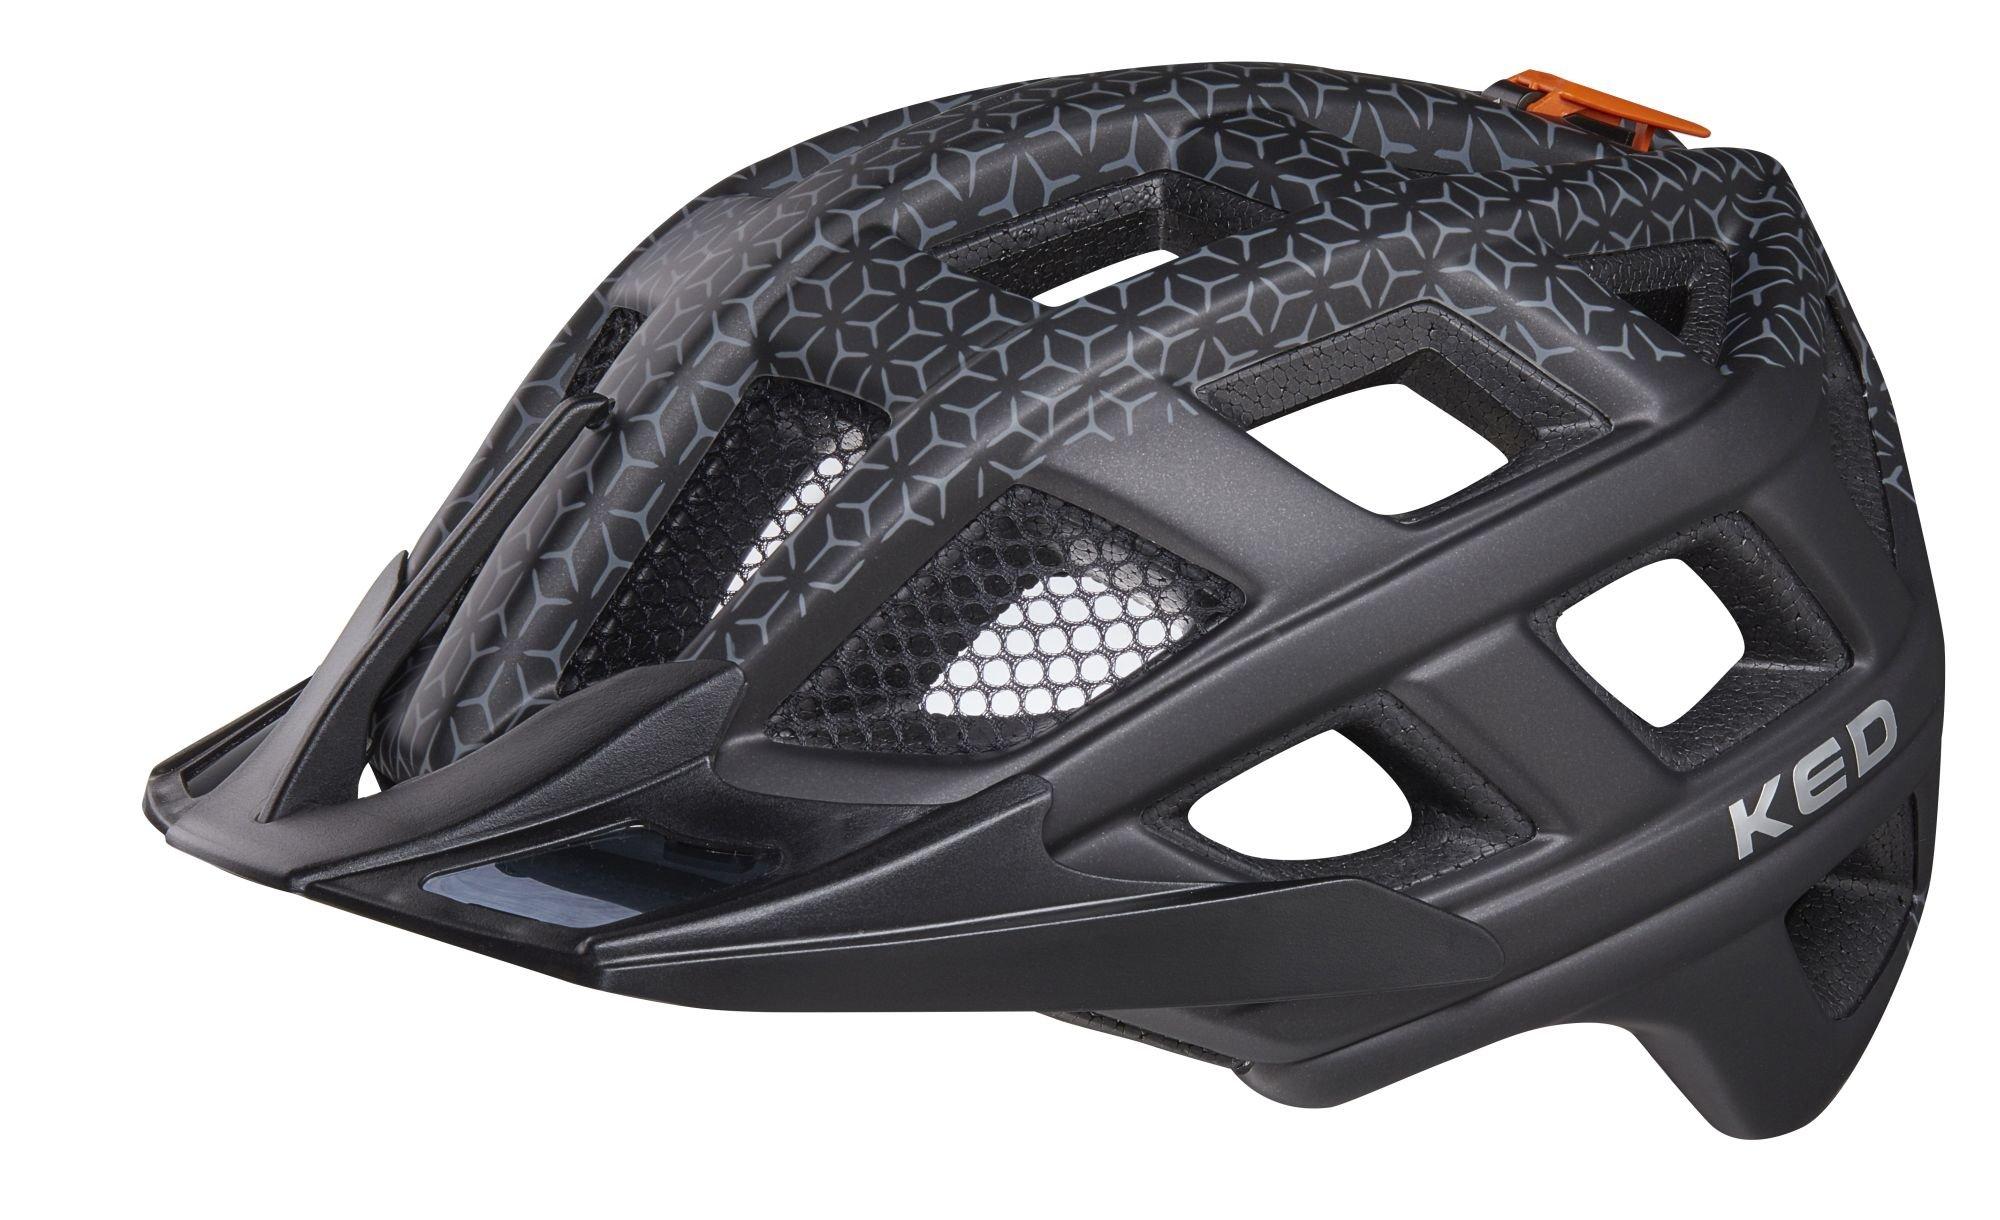 mountainbike-helme/Helme: KED  Fahrradhelm Crom 60-64 cm